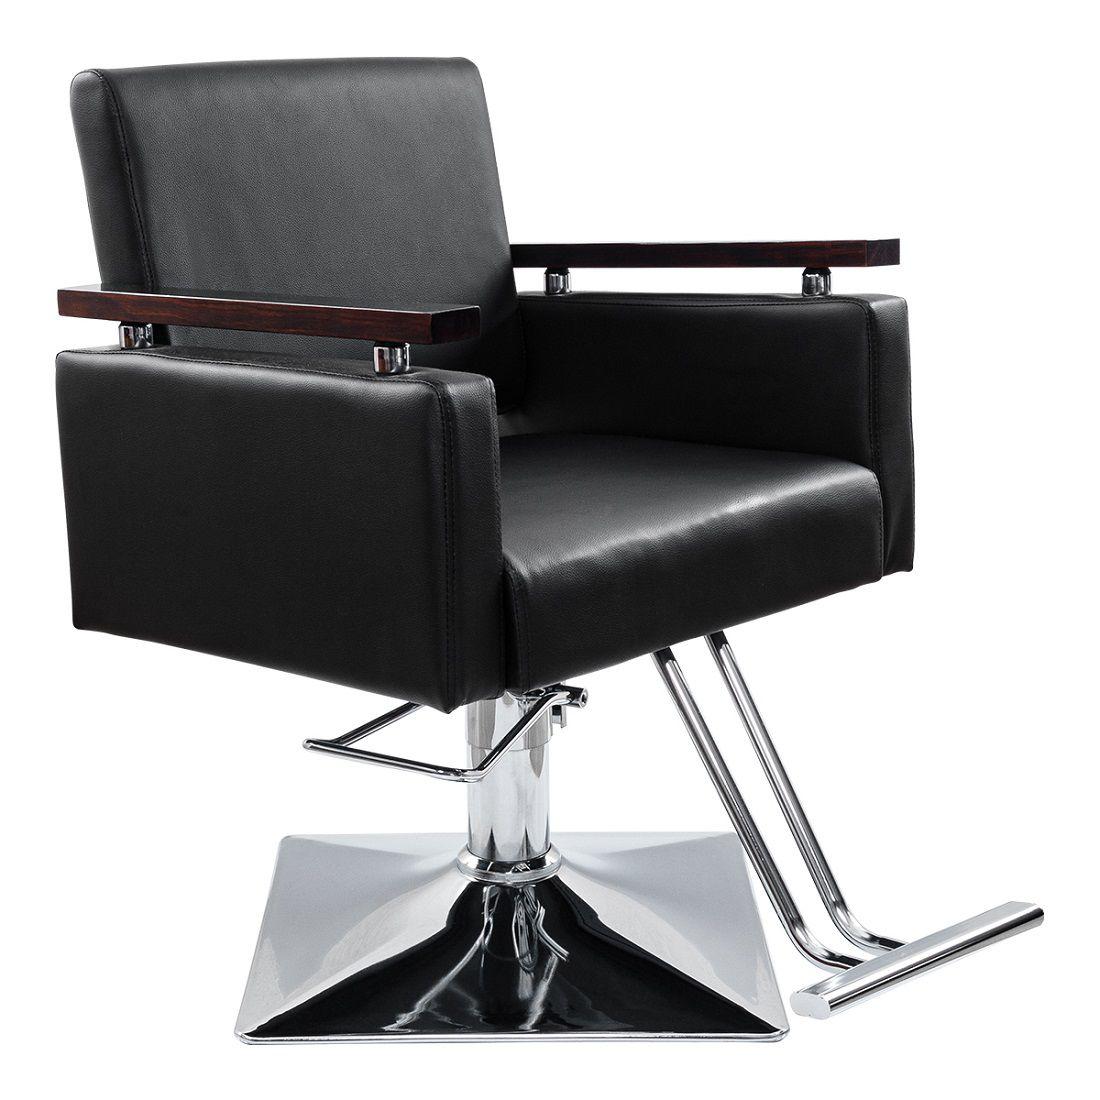 Cadeira Hidráulica para Salão Pelegrin PEL-5939 em Couro Pu Preta